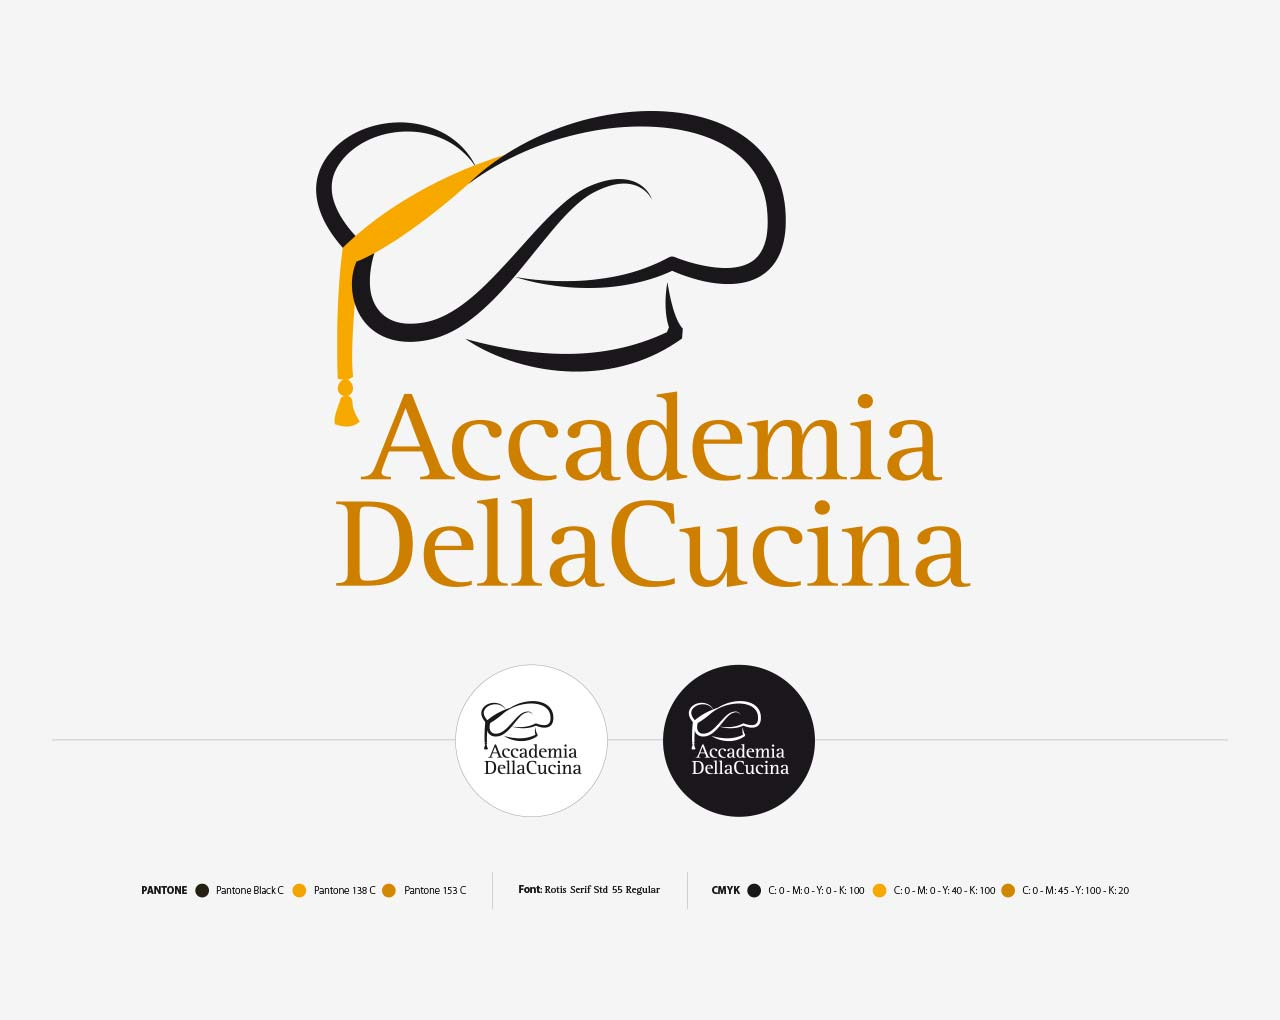 Accademia Della Cucina